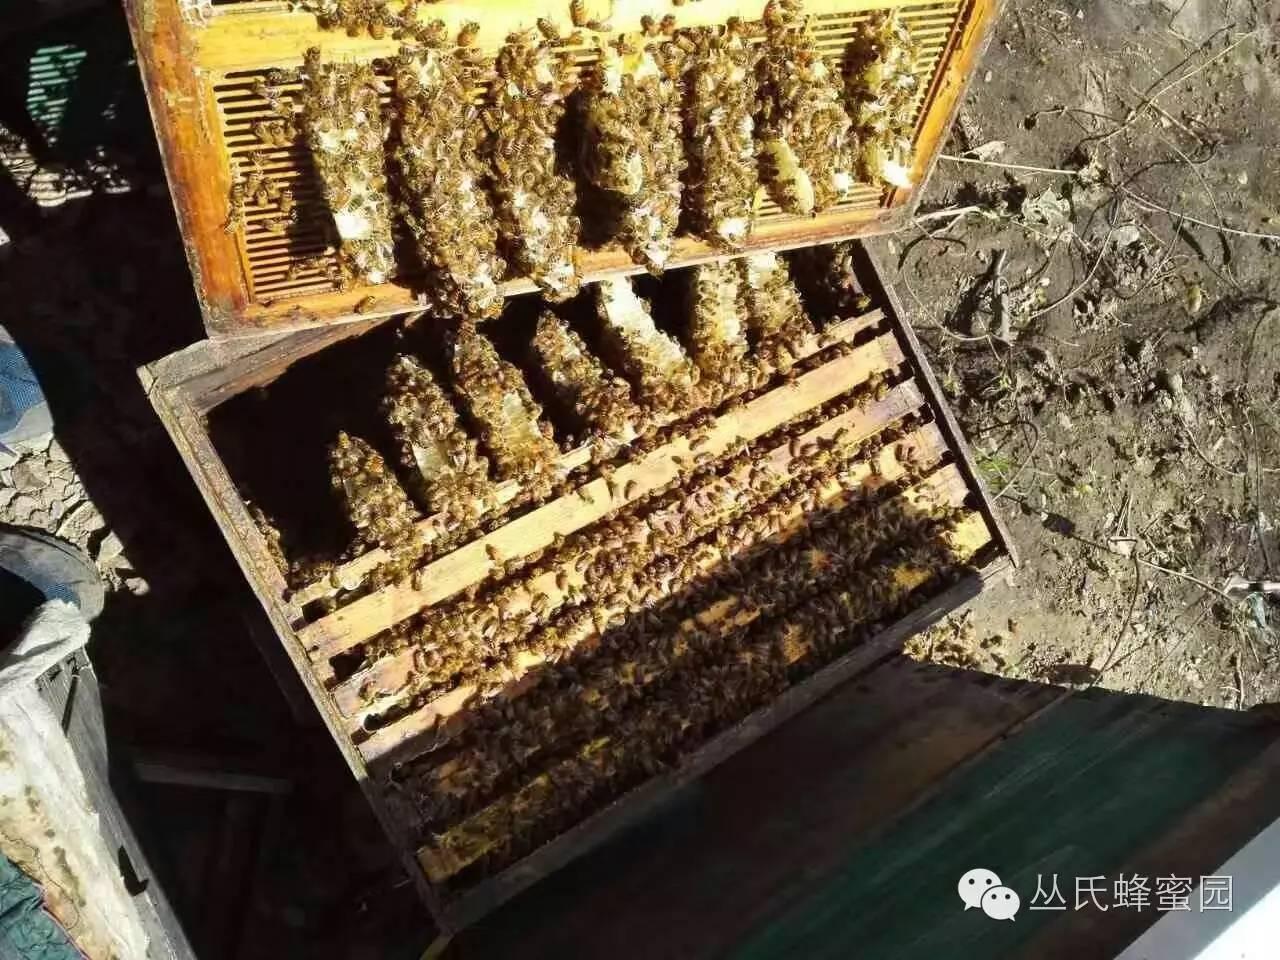 慢性咽炎不可怕,蜂胶来帮您!